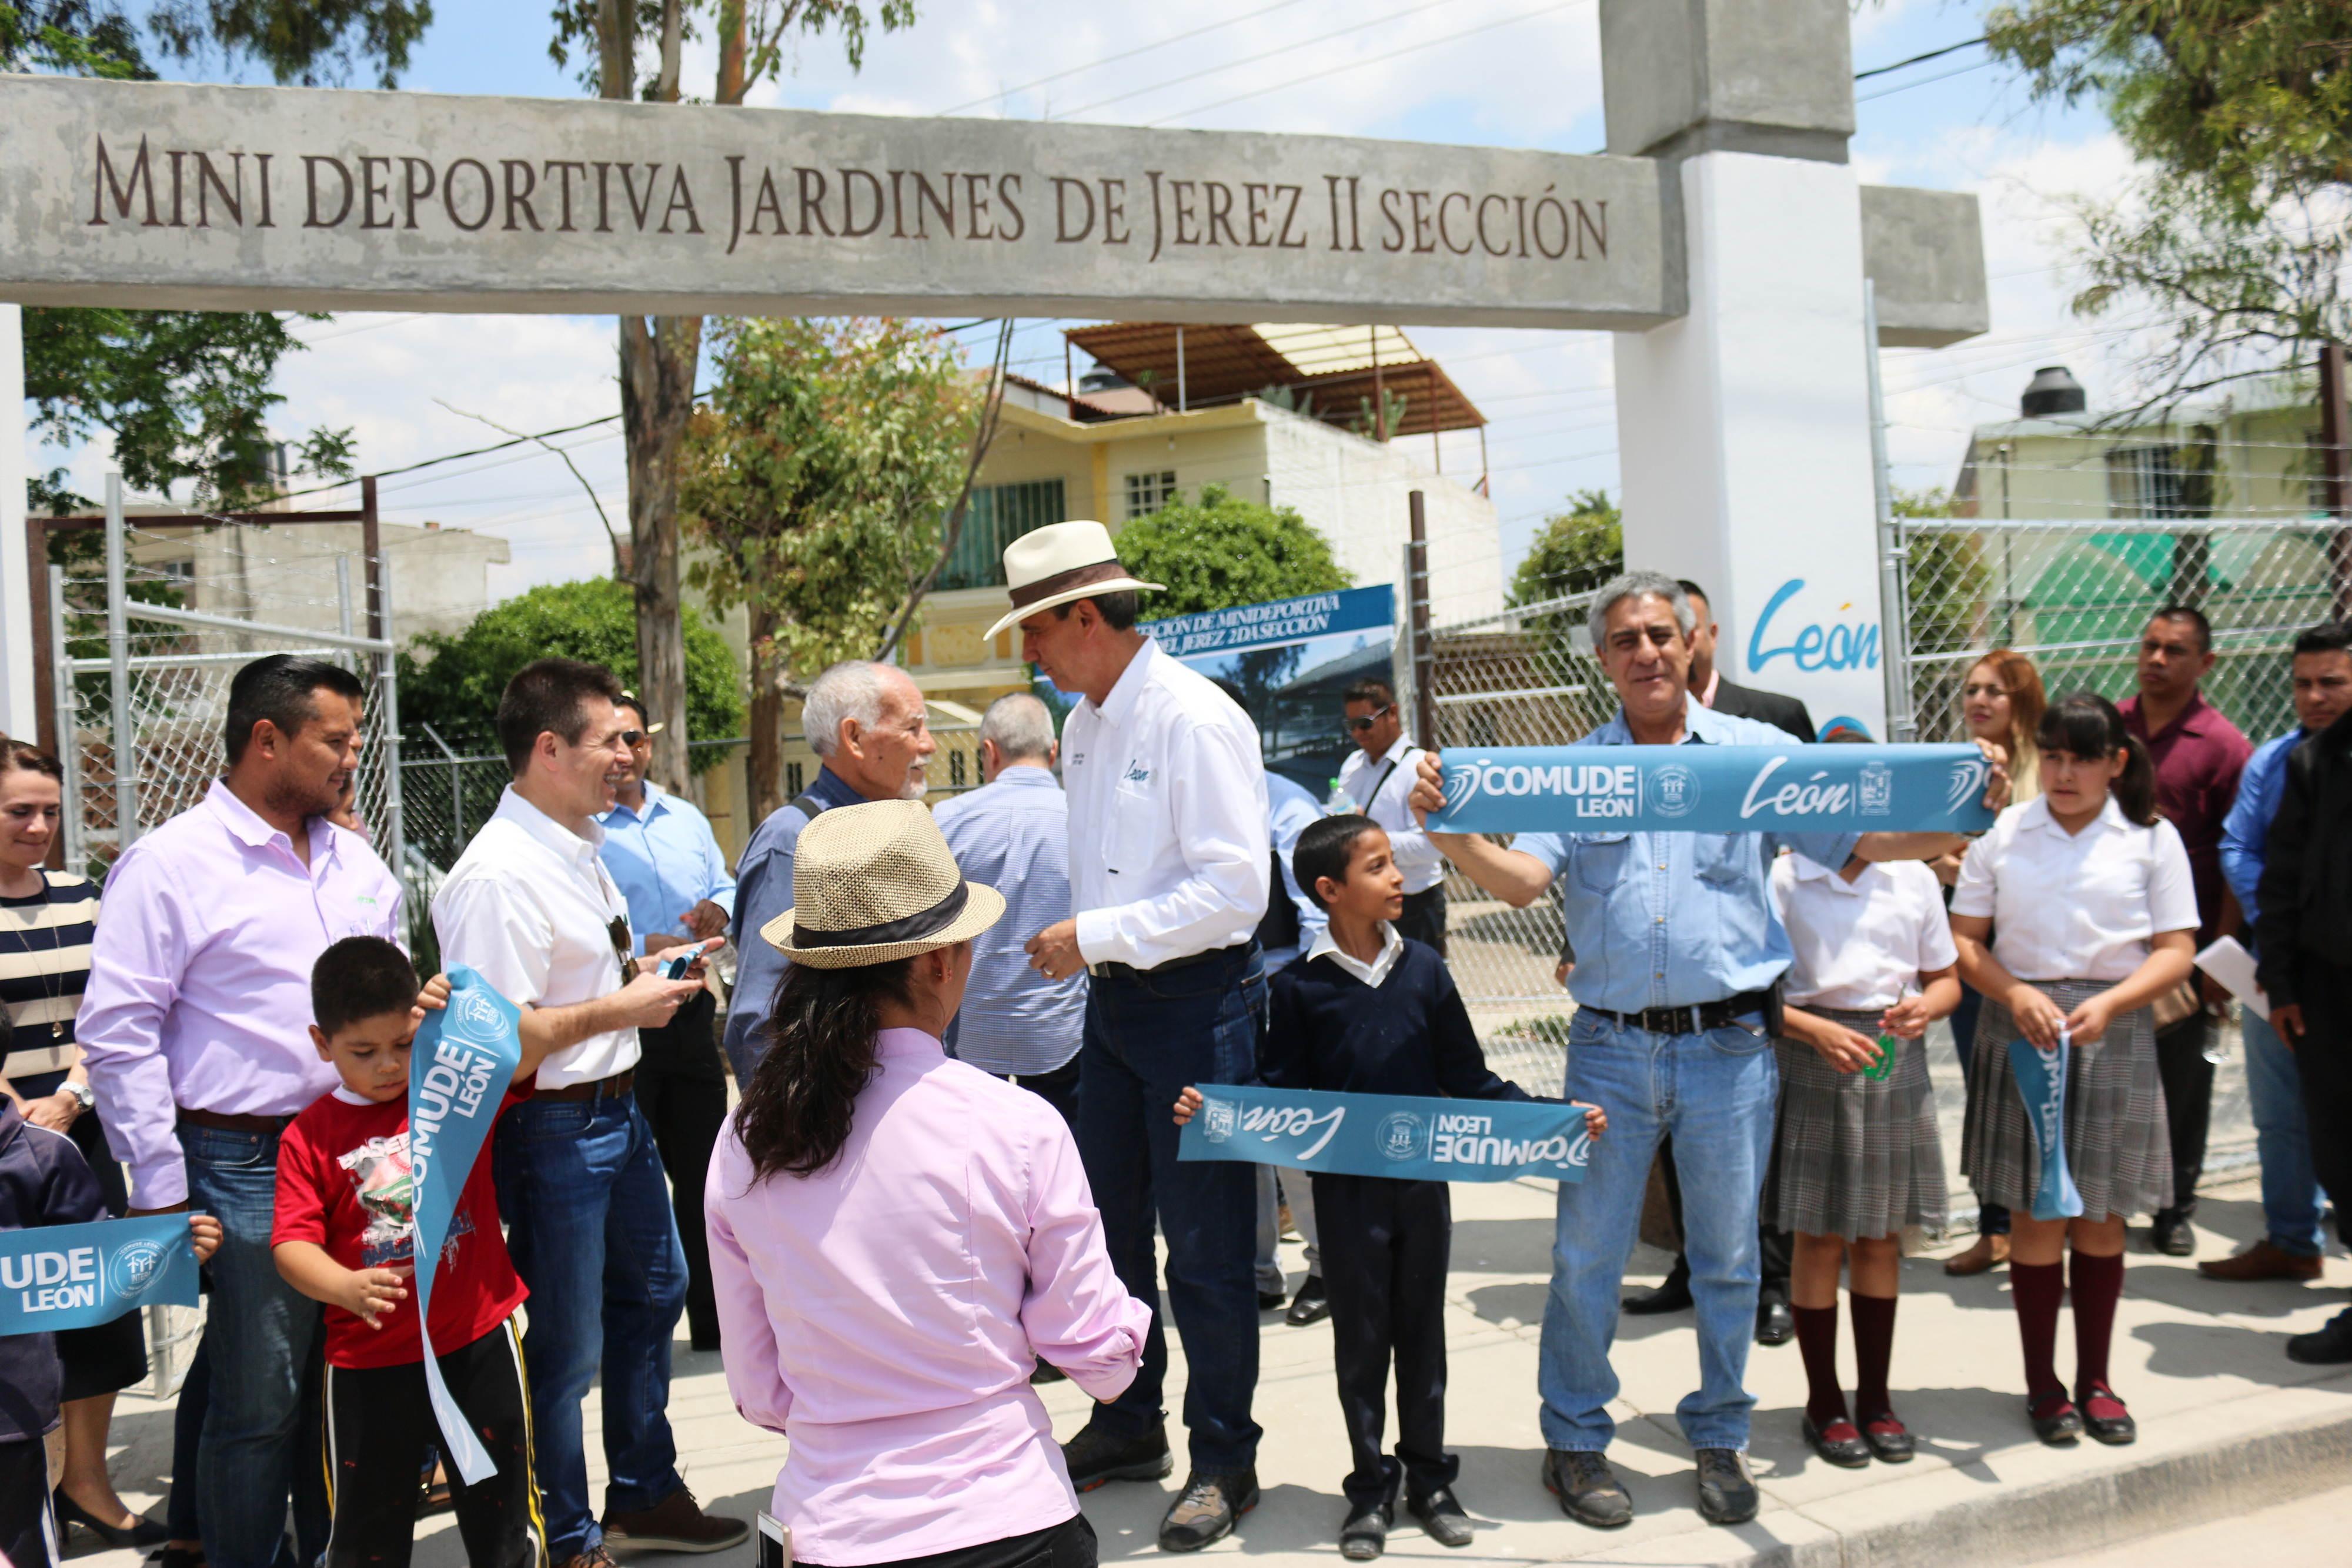 El alcalde Héctor López Santillana y representantes de Comude c86b80af07b24